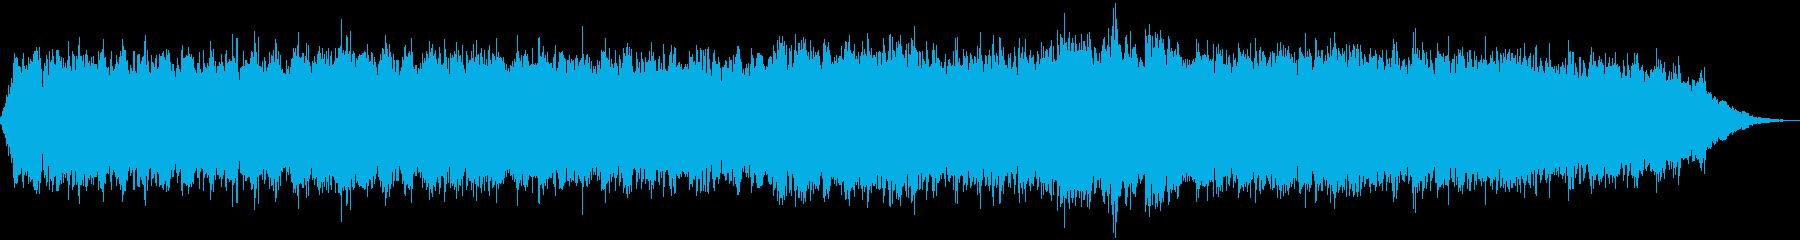 温い風の再生済みの波形